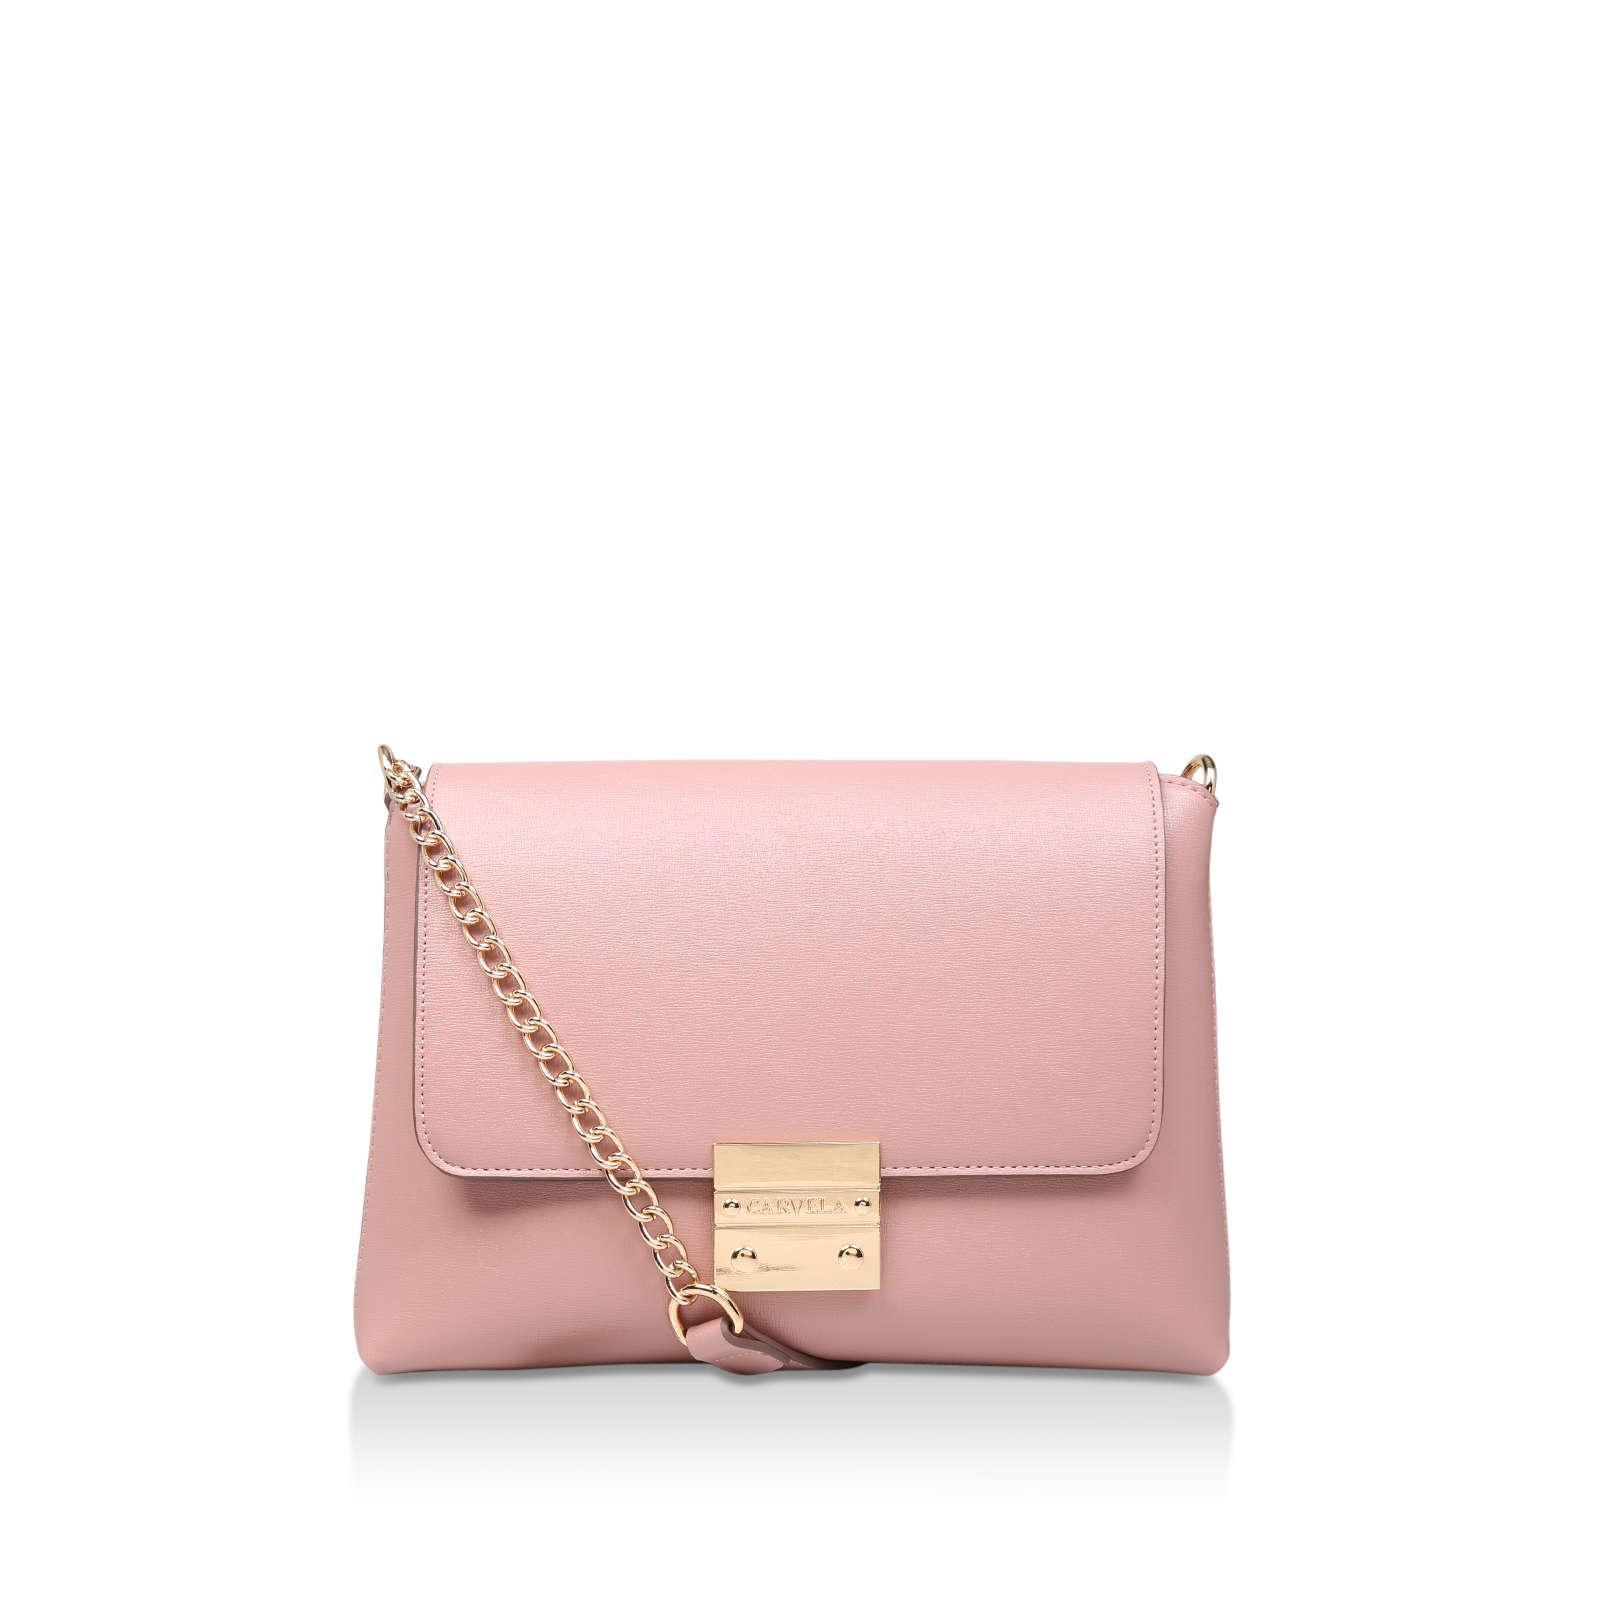 68e6e296298 Carvela Kurt Geiger - Pink Blink Chain Handle Bag - Lyst. View fullscreen